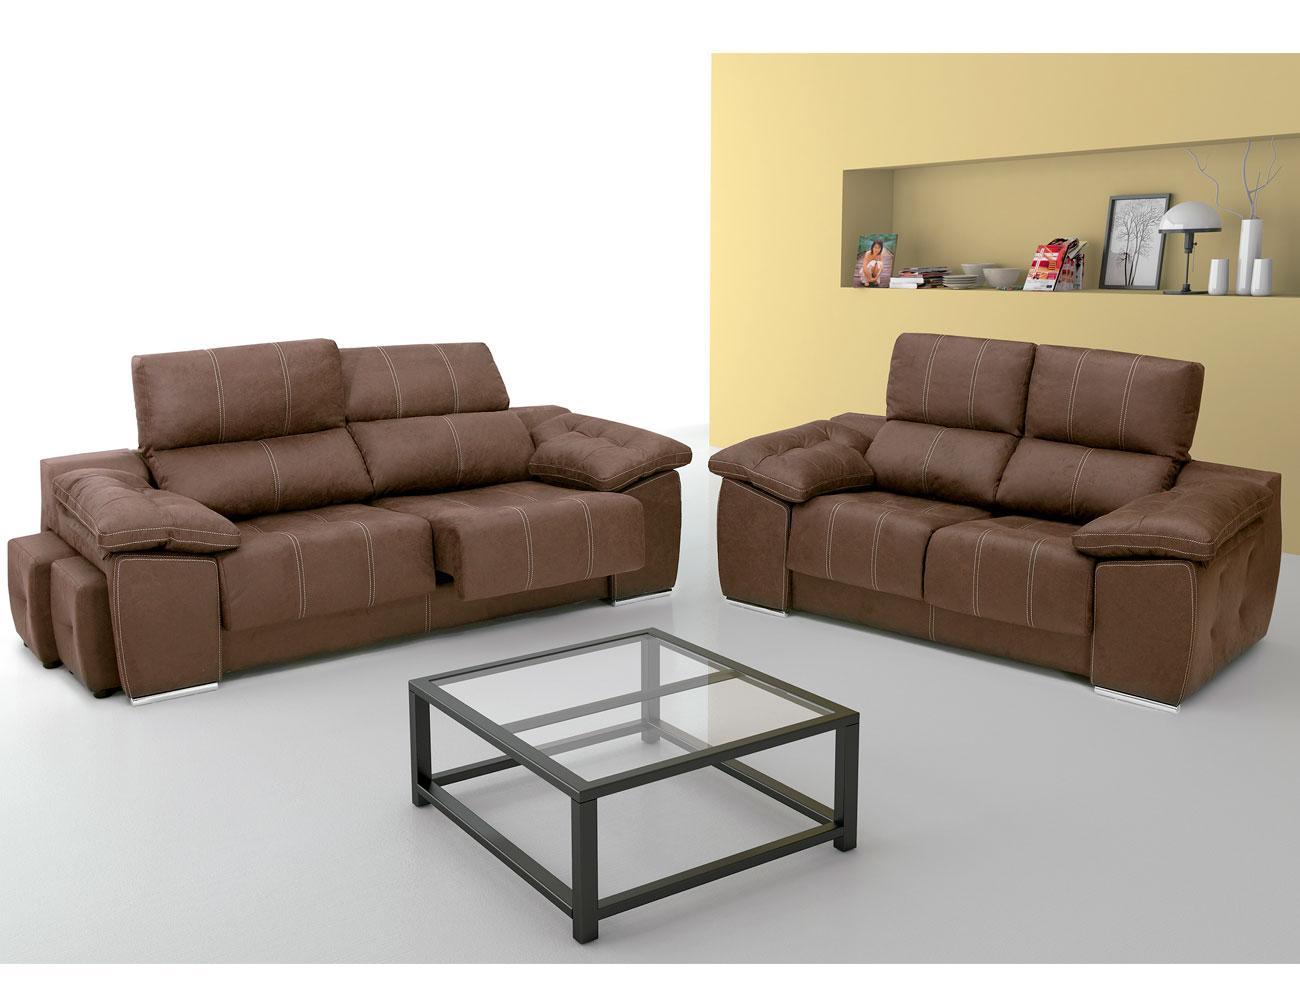 Sof chaiselongue con 5 taburetes asientos extra bles y for Sofa 4 plazas asientos deslizantes